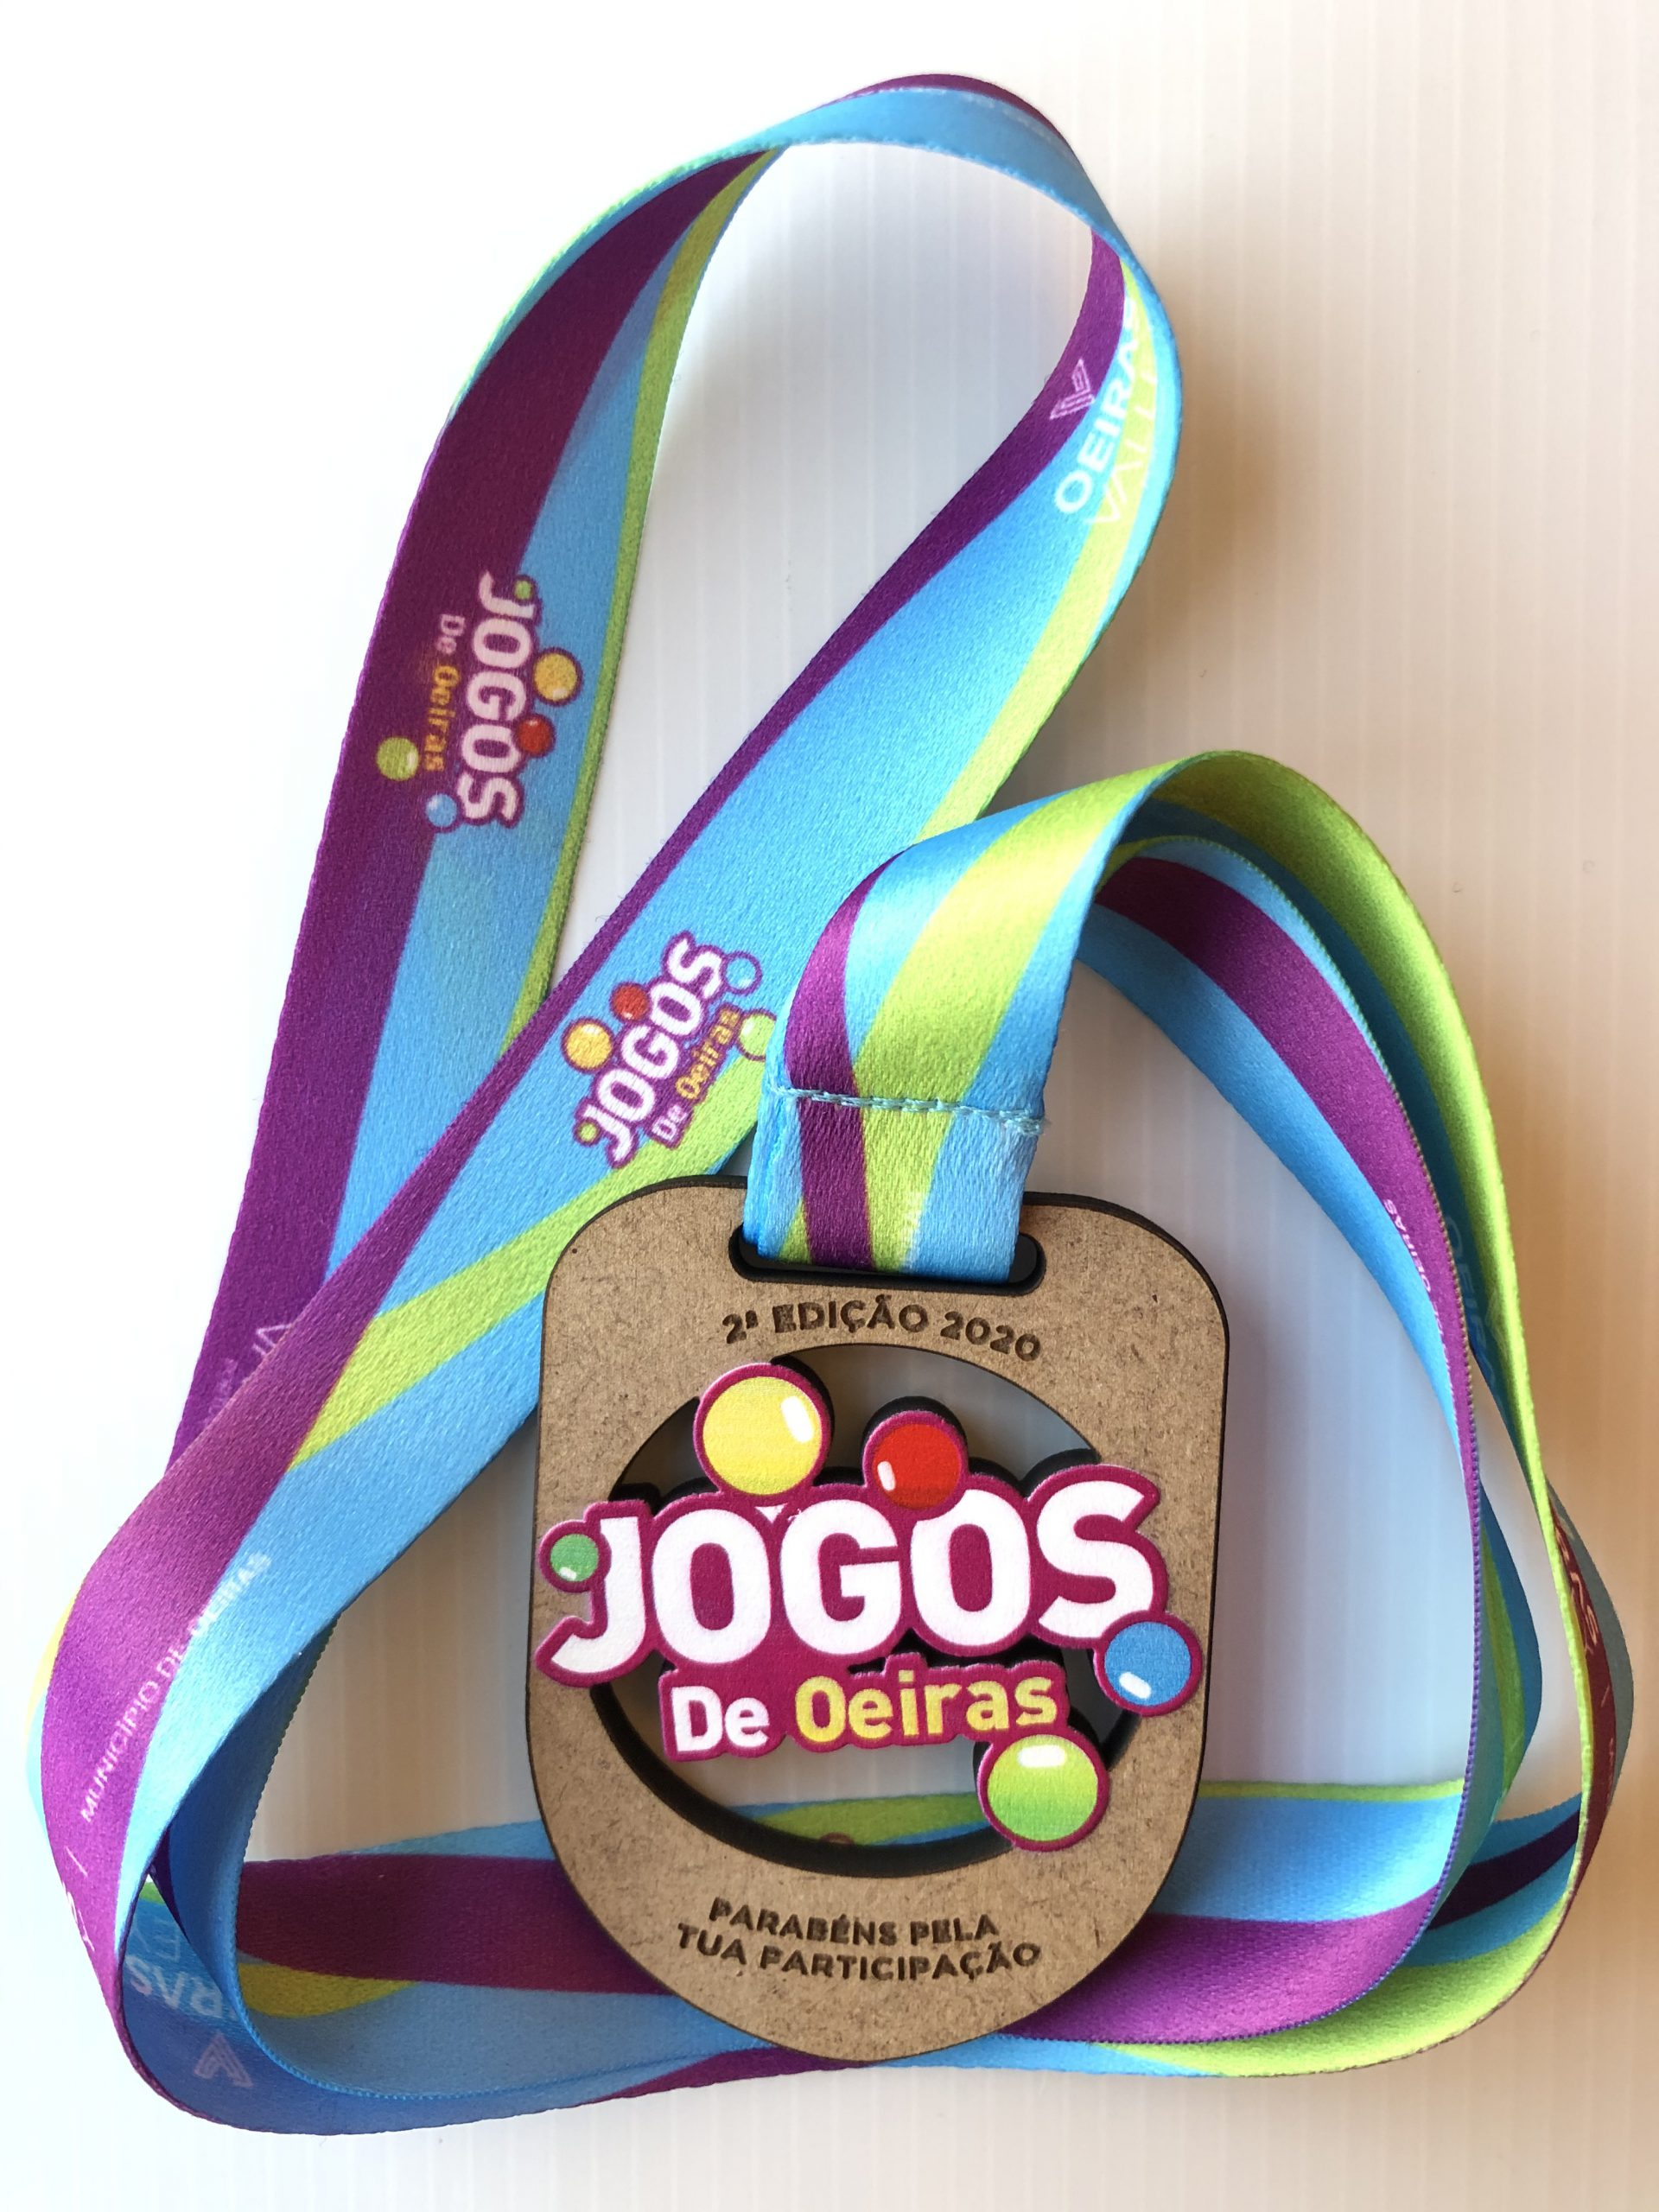 Medalha de Participação da 2ª Edição dos Jogos de Oeiras